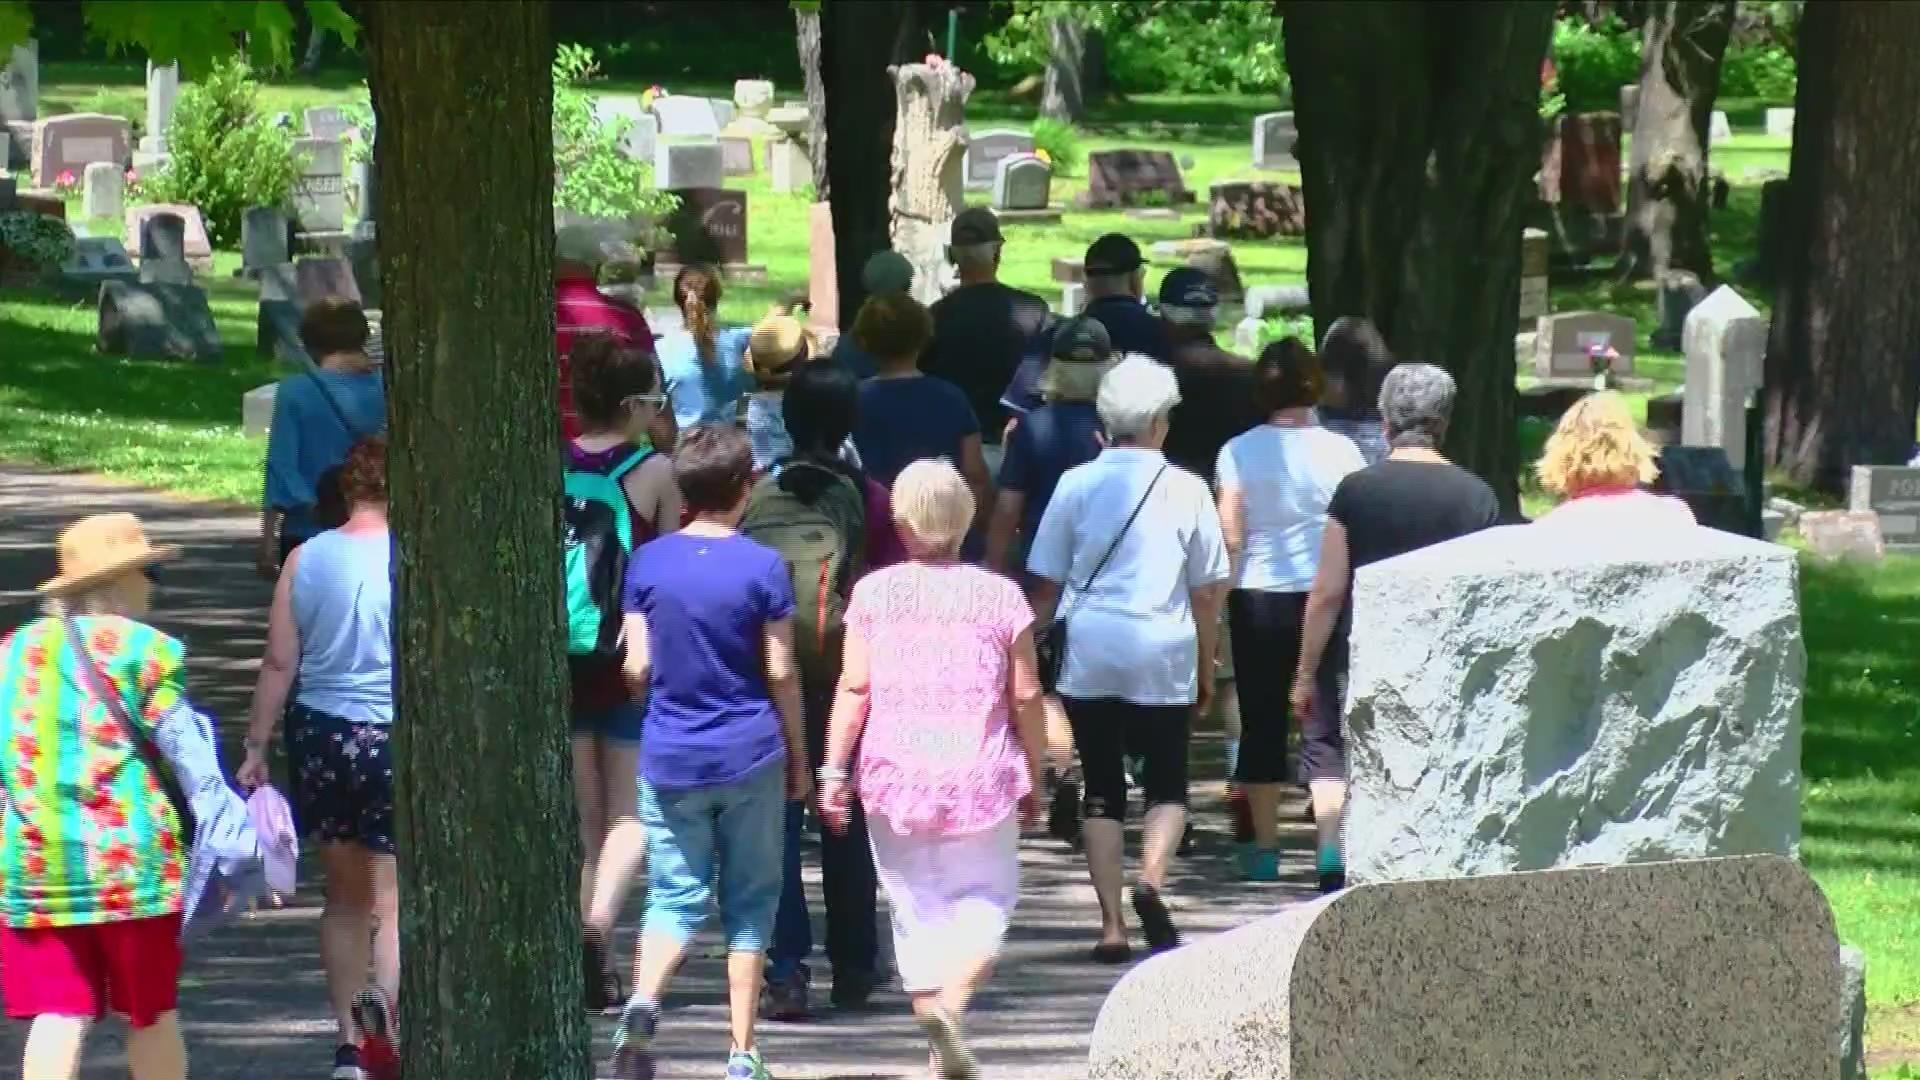 Cemetery_walking_tour_0_20190625221040